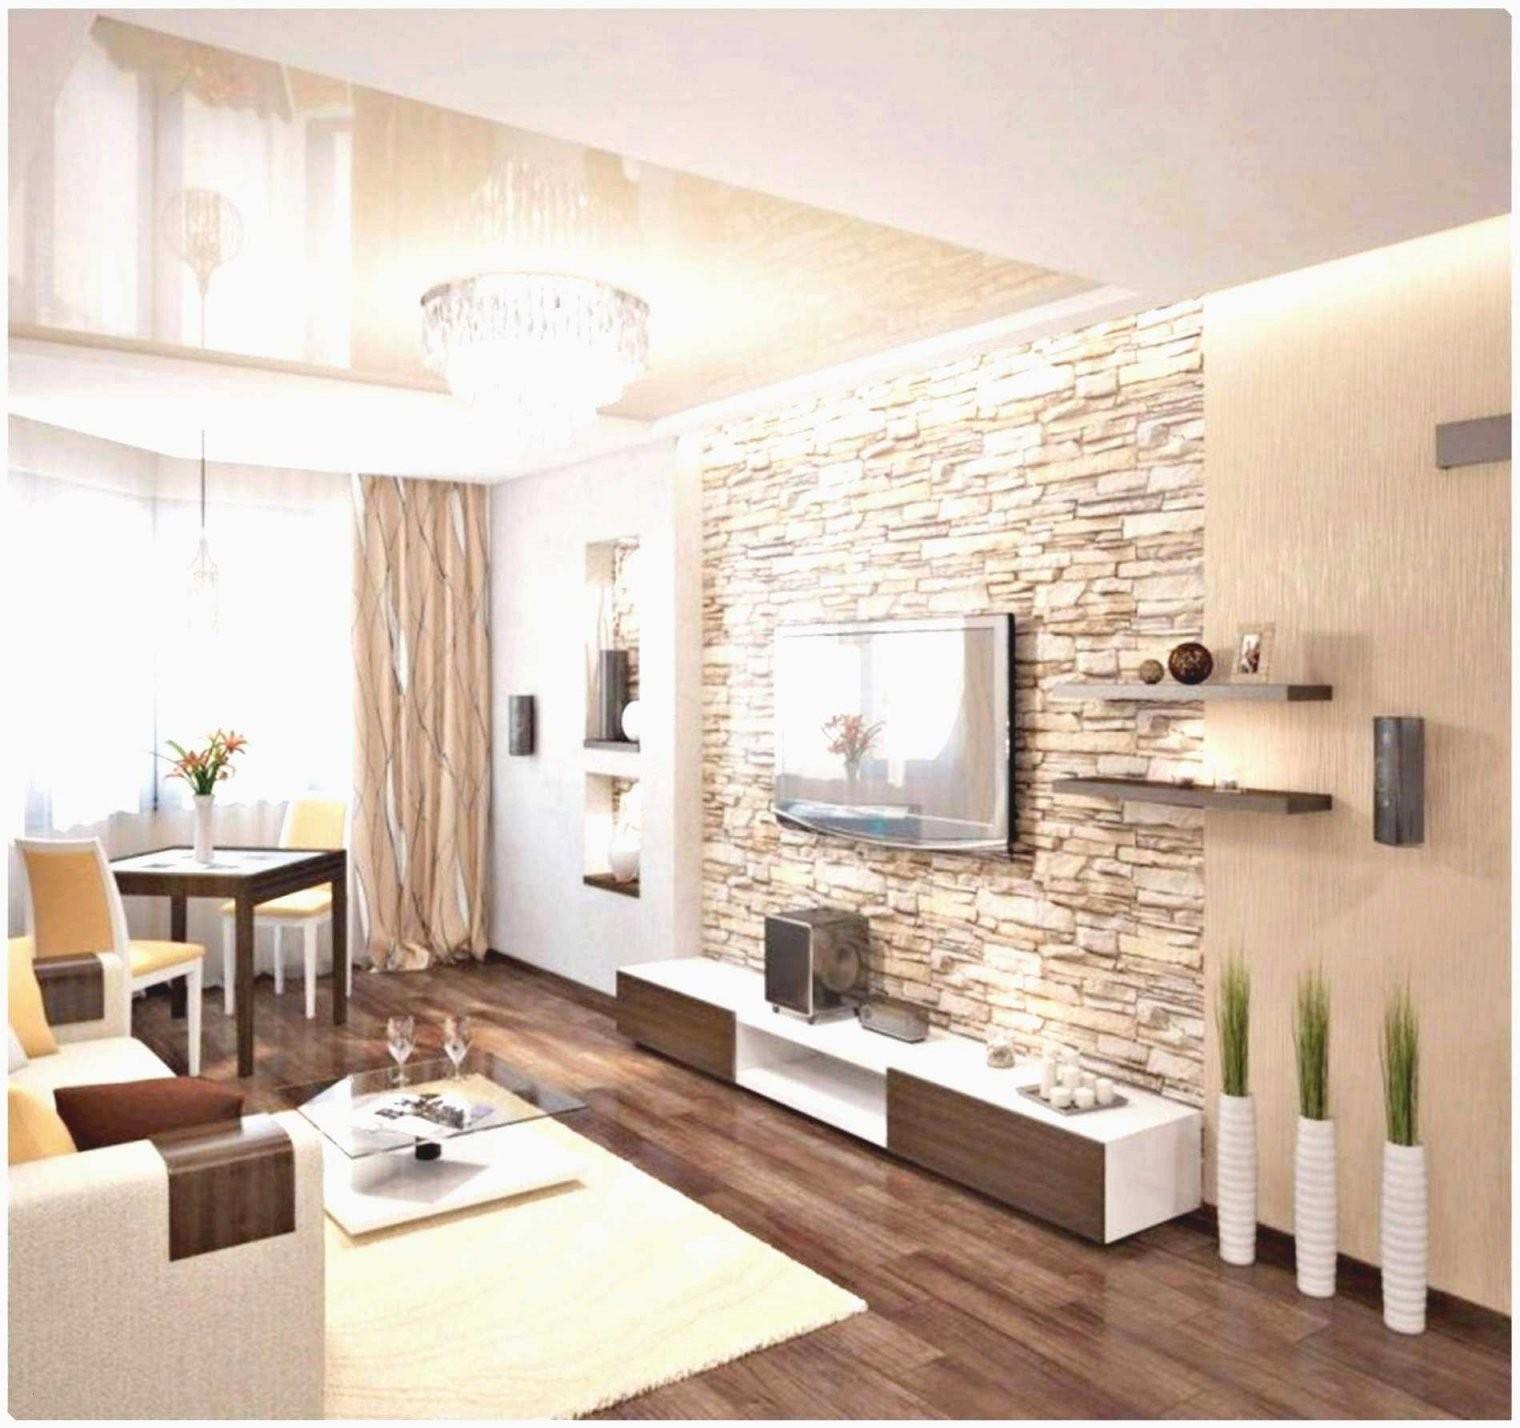 Tapete Grau Muster Design 38 Tolle Dieses Jahr von Tapeten Trends 2015 Wohnzimmer Bild